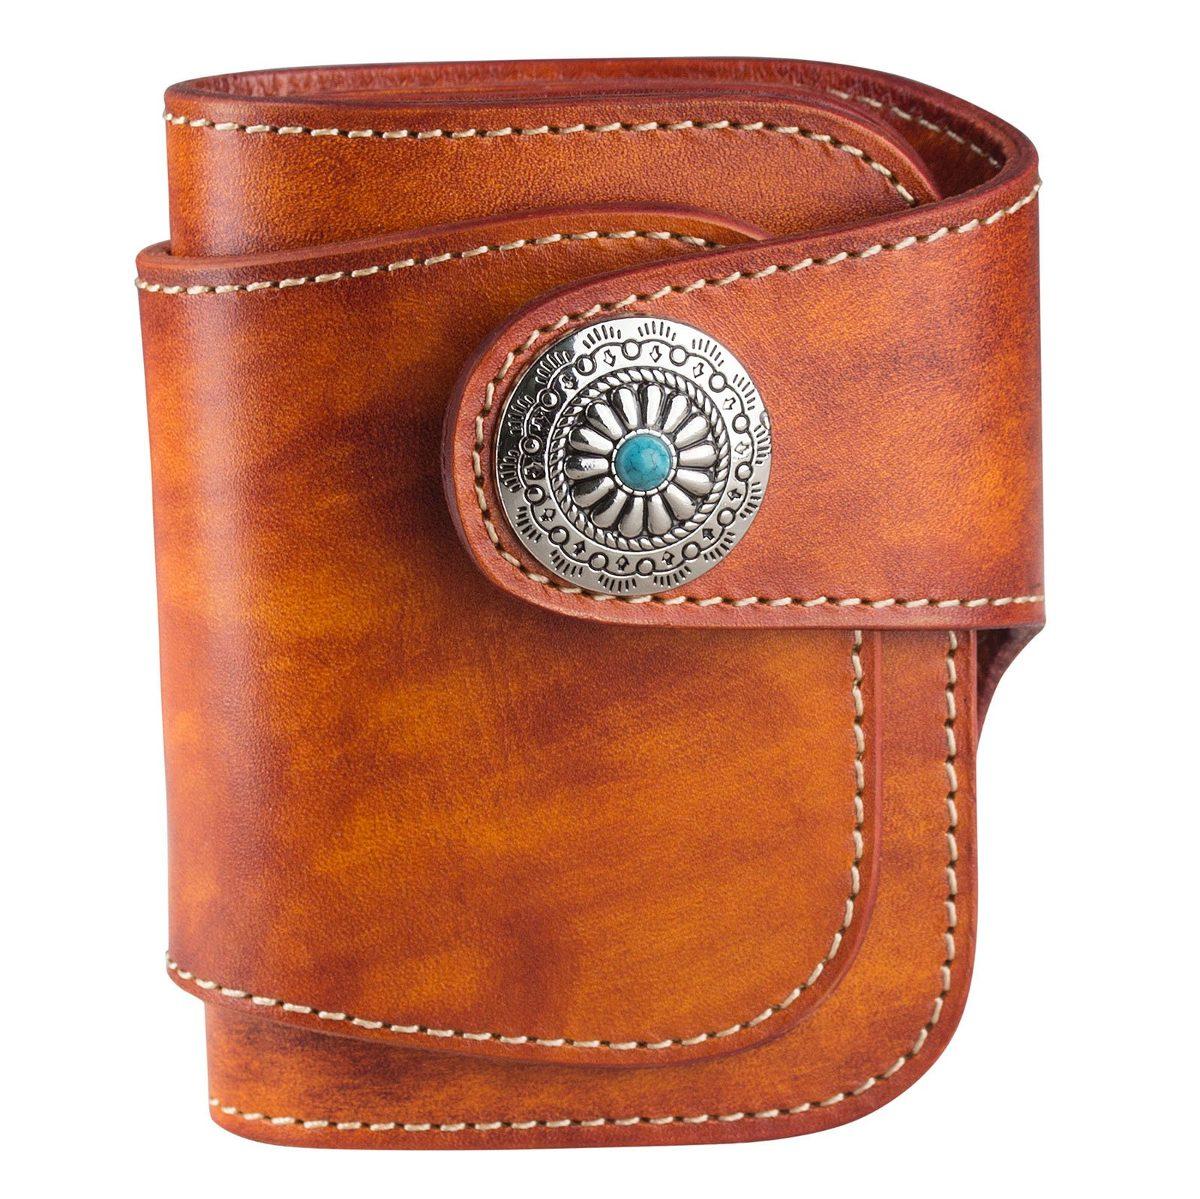 a91a49807 ancicraft billetera plegable de cuero genuino para hombre. Cargando zoom.